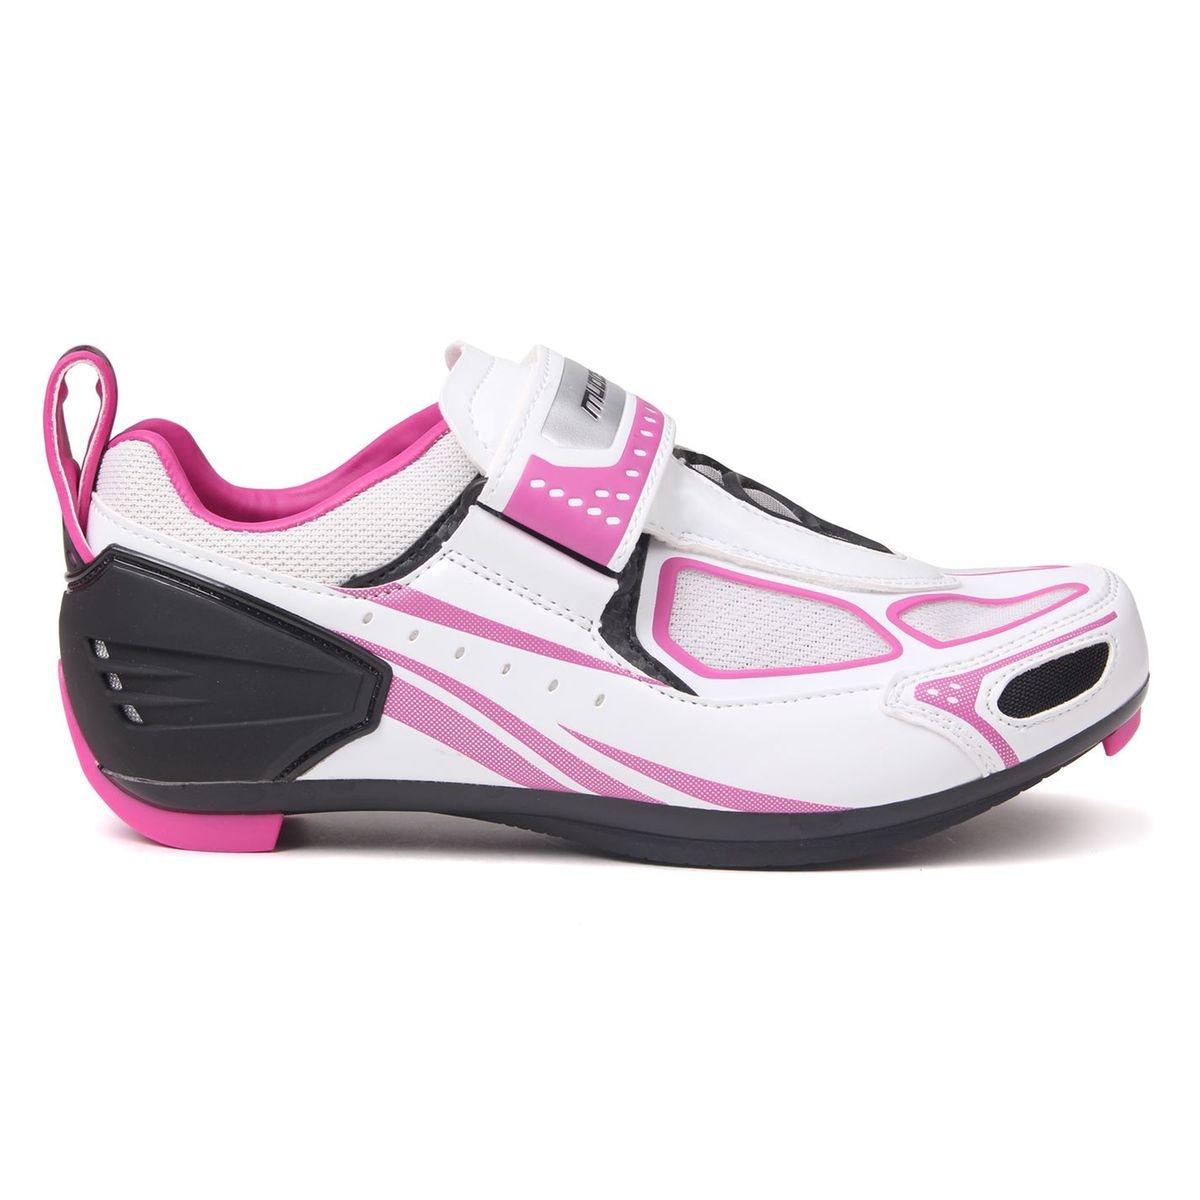 Chaussures de vélo triathlon imperméable